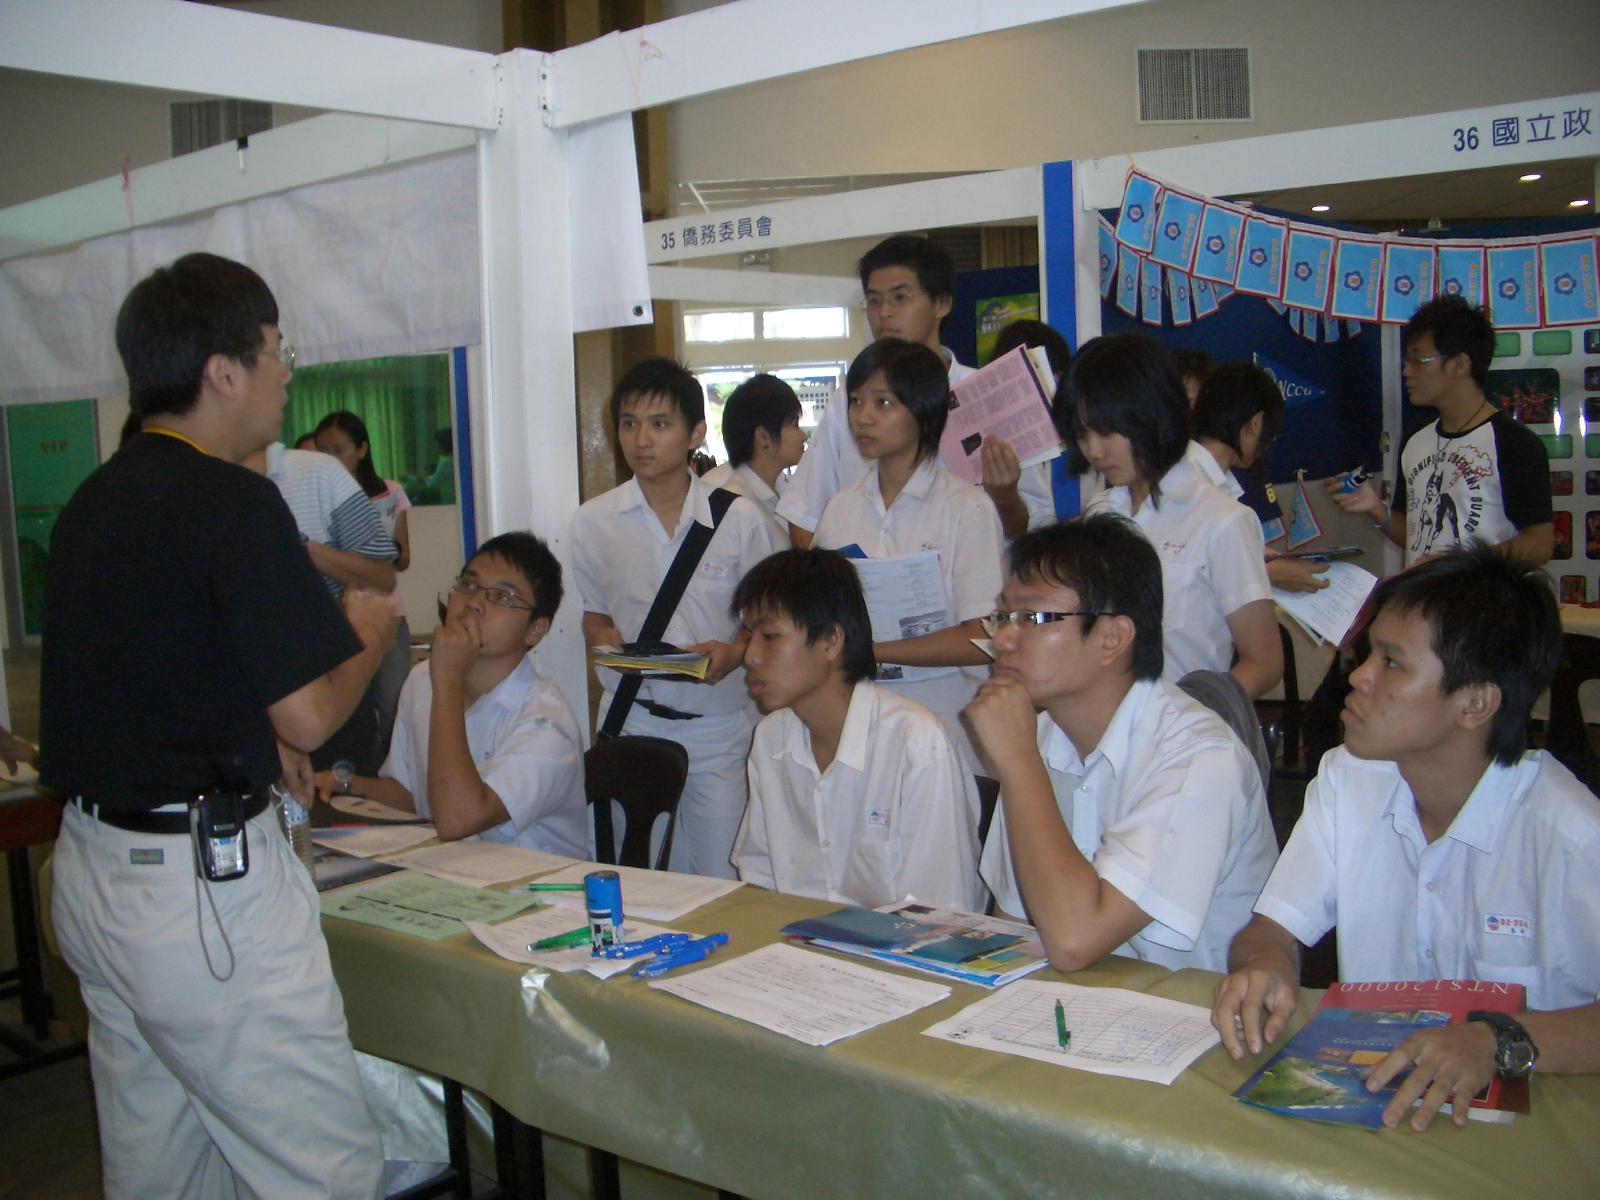 招攬馬來西亞僑生 中原主打第一年免學費